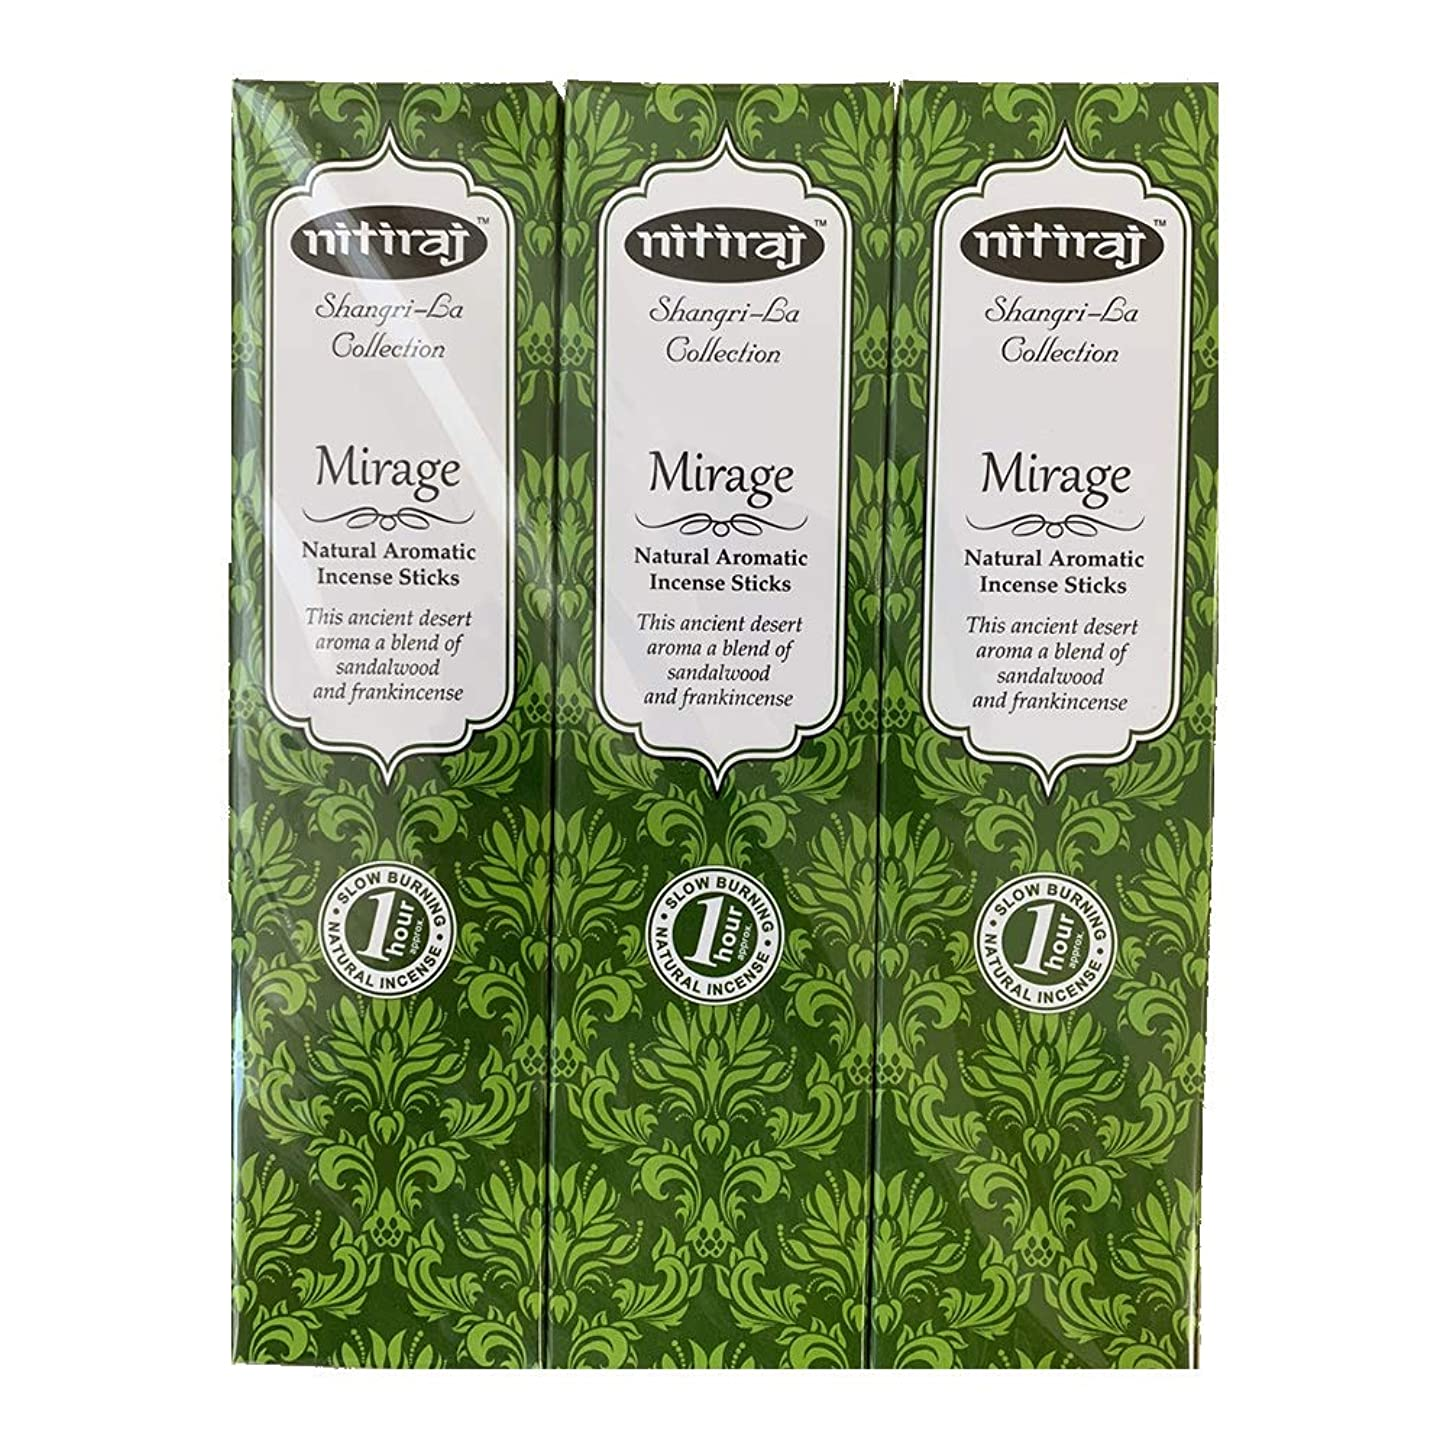 痛い利用可能接続されたお香 アロマインセンス Nitiraj(ニティラジ)Mirage(蜃気楼) 3箱セット(30本/1箱10本入り)100%天然素材